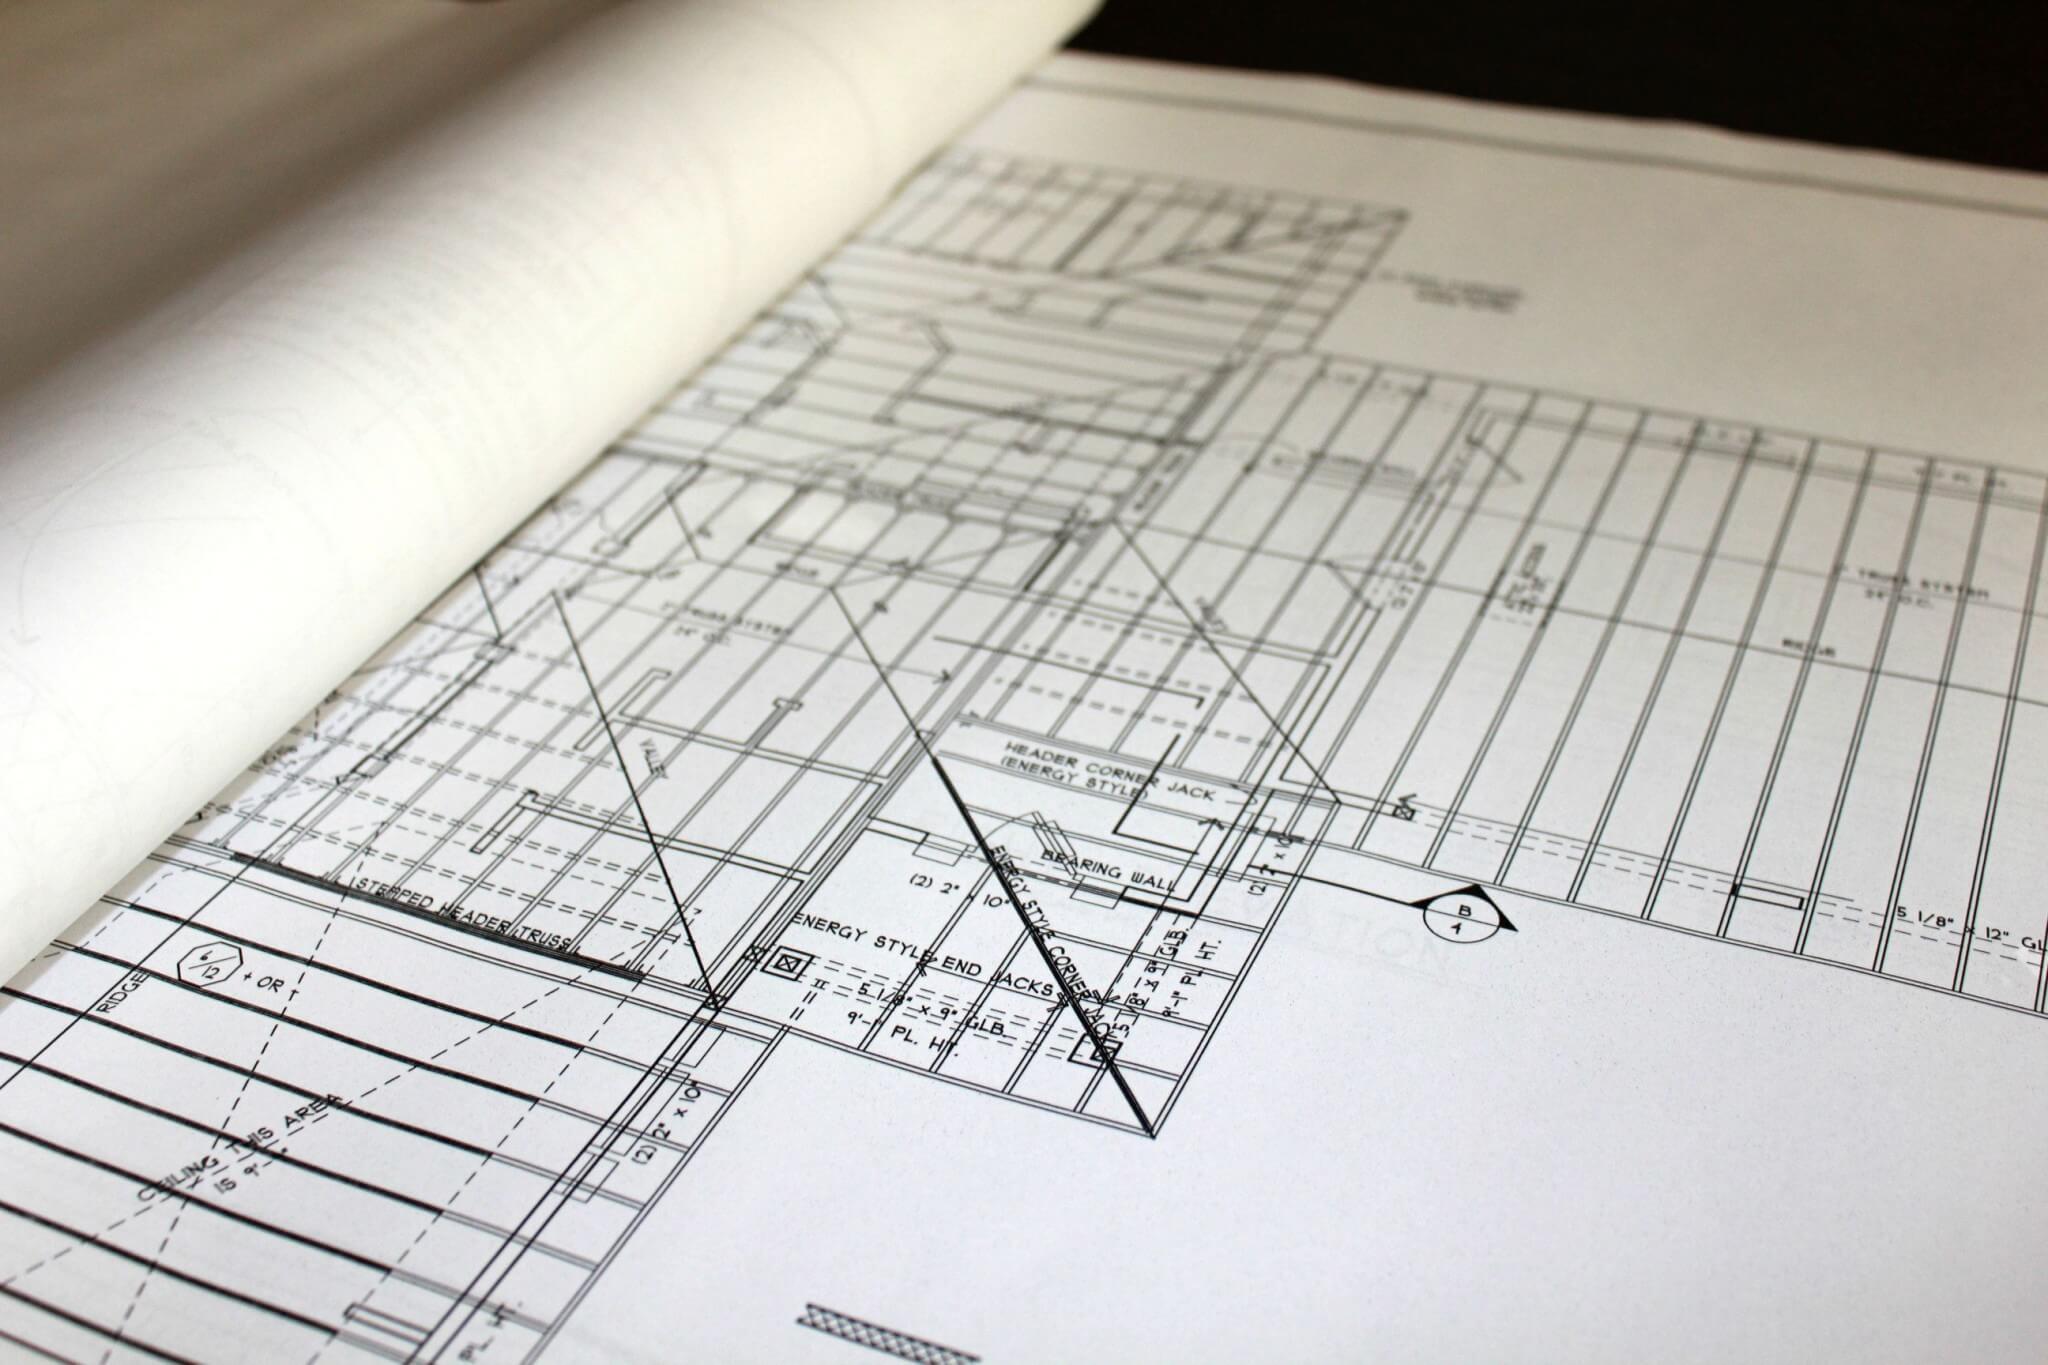 projekt domu - projekt gotowy